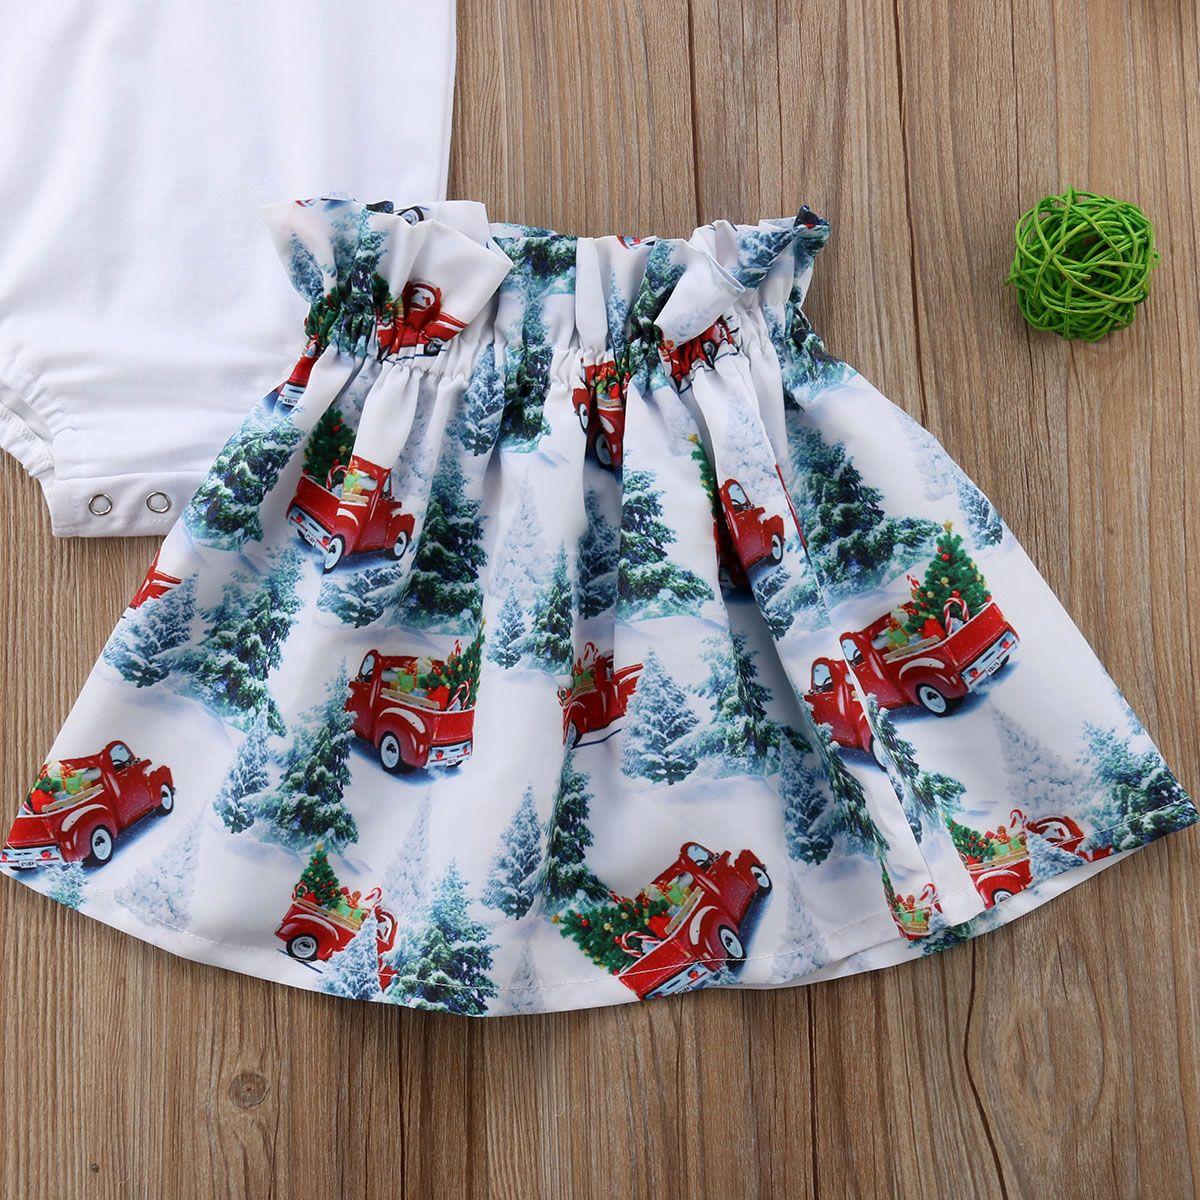 nouveau-nés Enfants Baby Girl Tenues Vêtements Set Fly Sleeve Solid Romper Tutu Mini-jupe Outfit